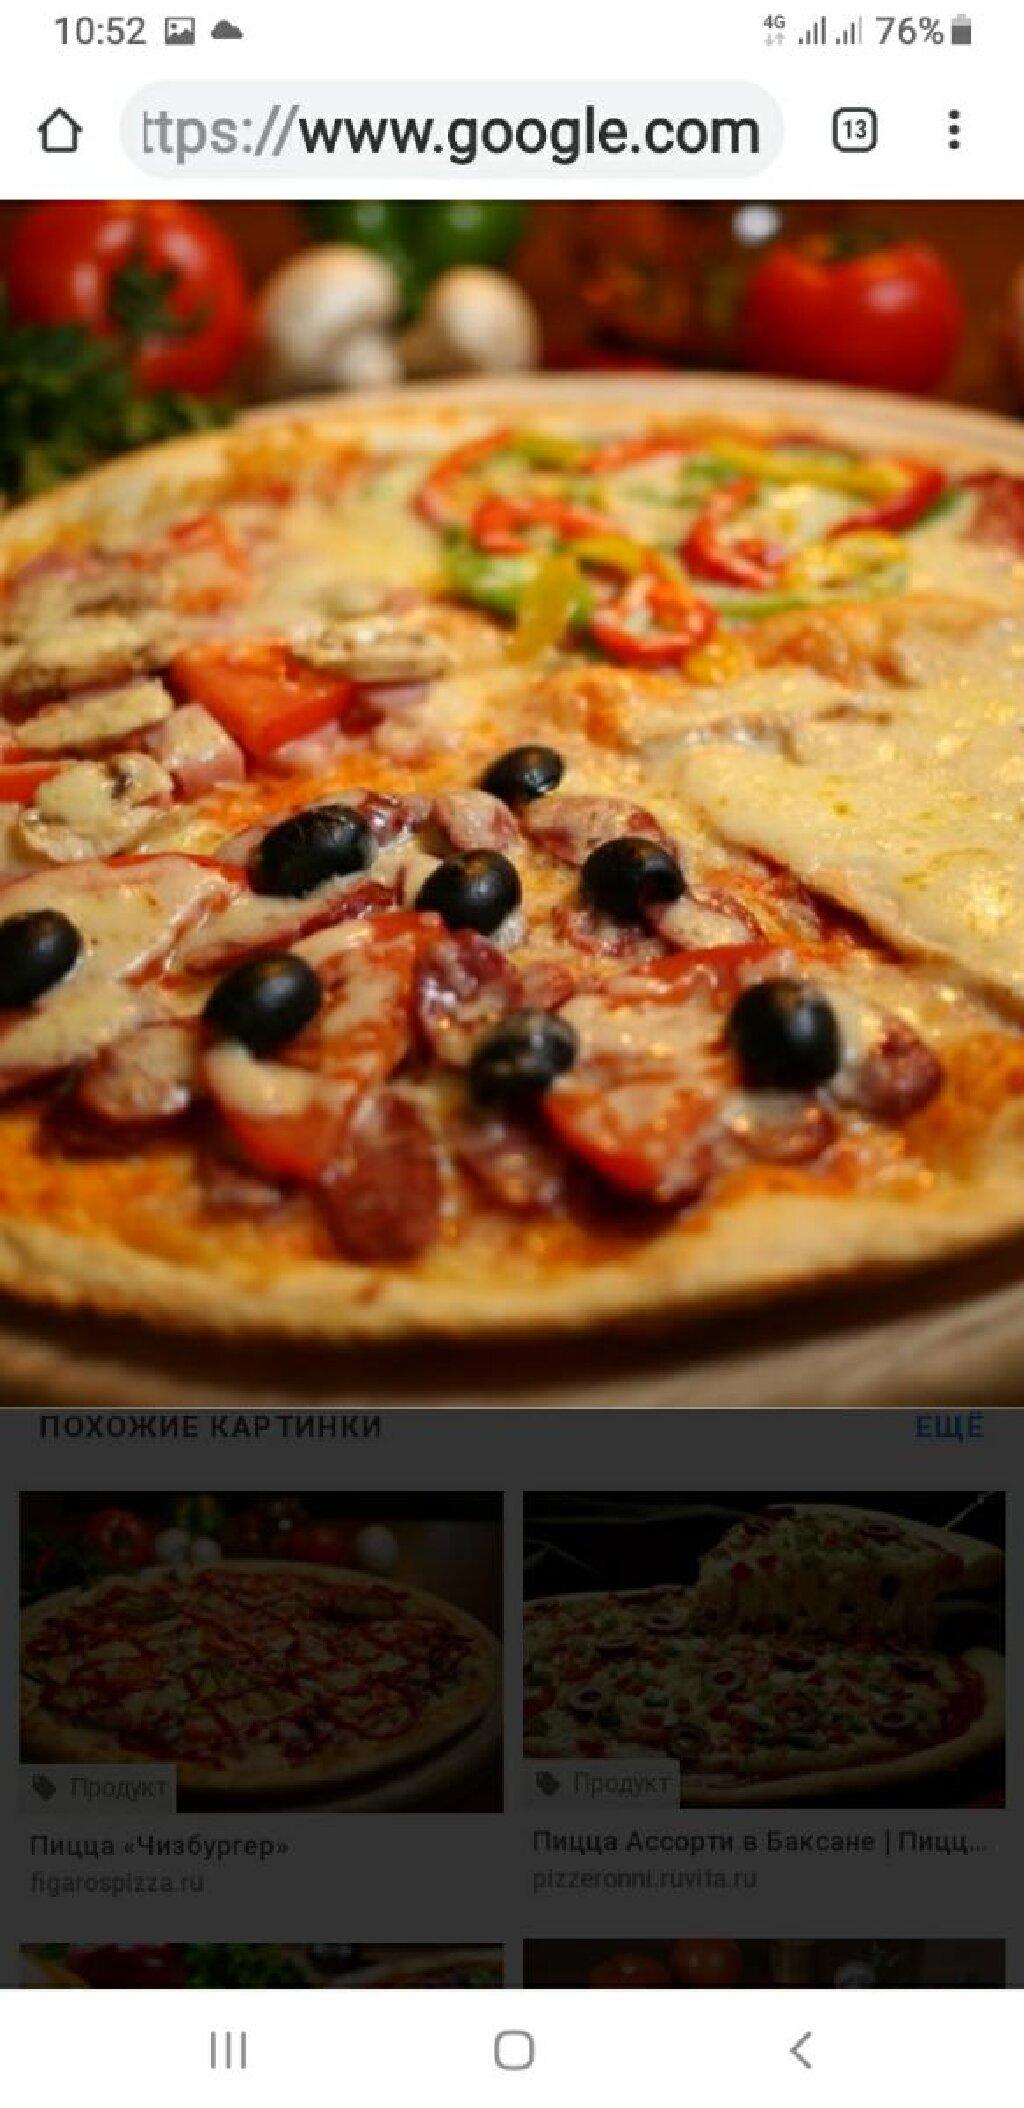 Профессиональный Технолог по  Пицца, Обучаю вас за Короткий время, О Цене Договоримся при встрече